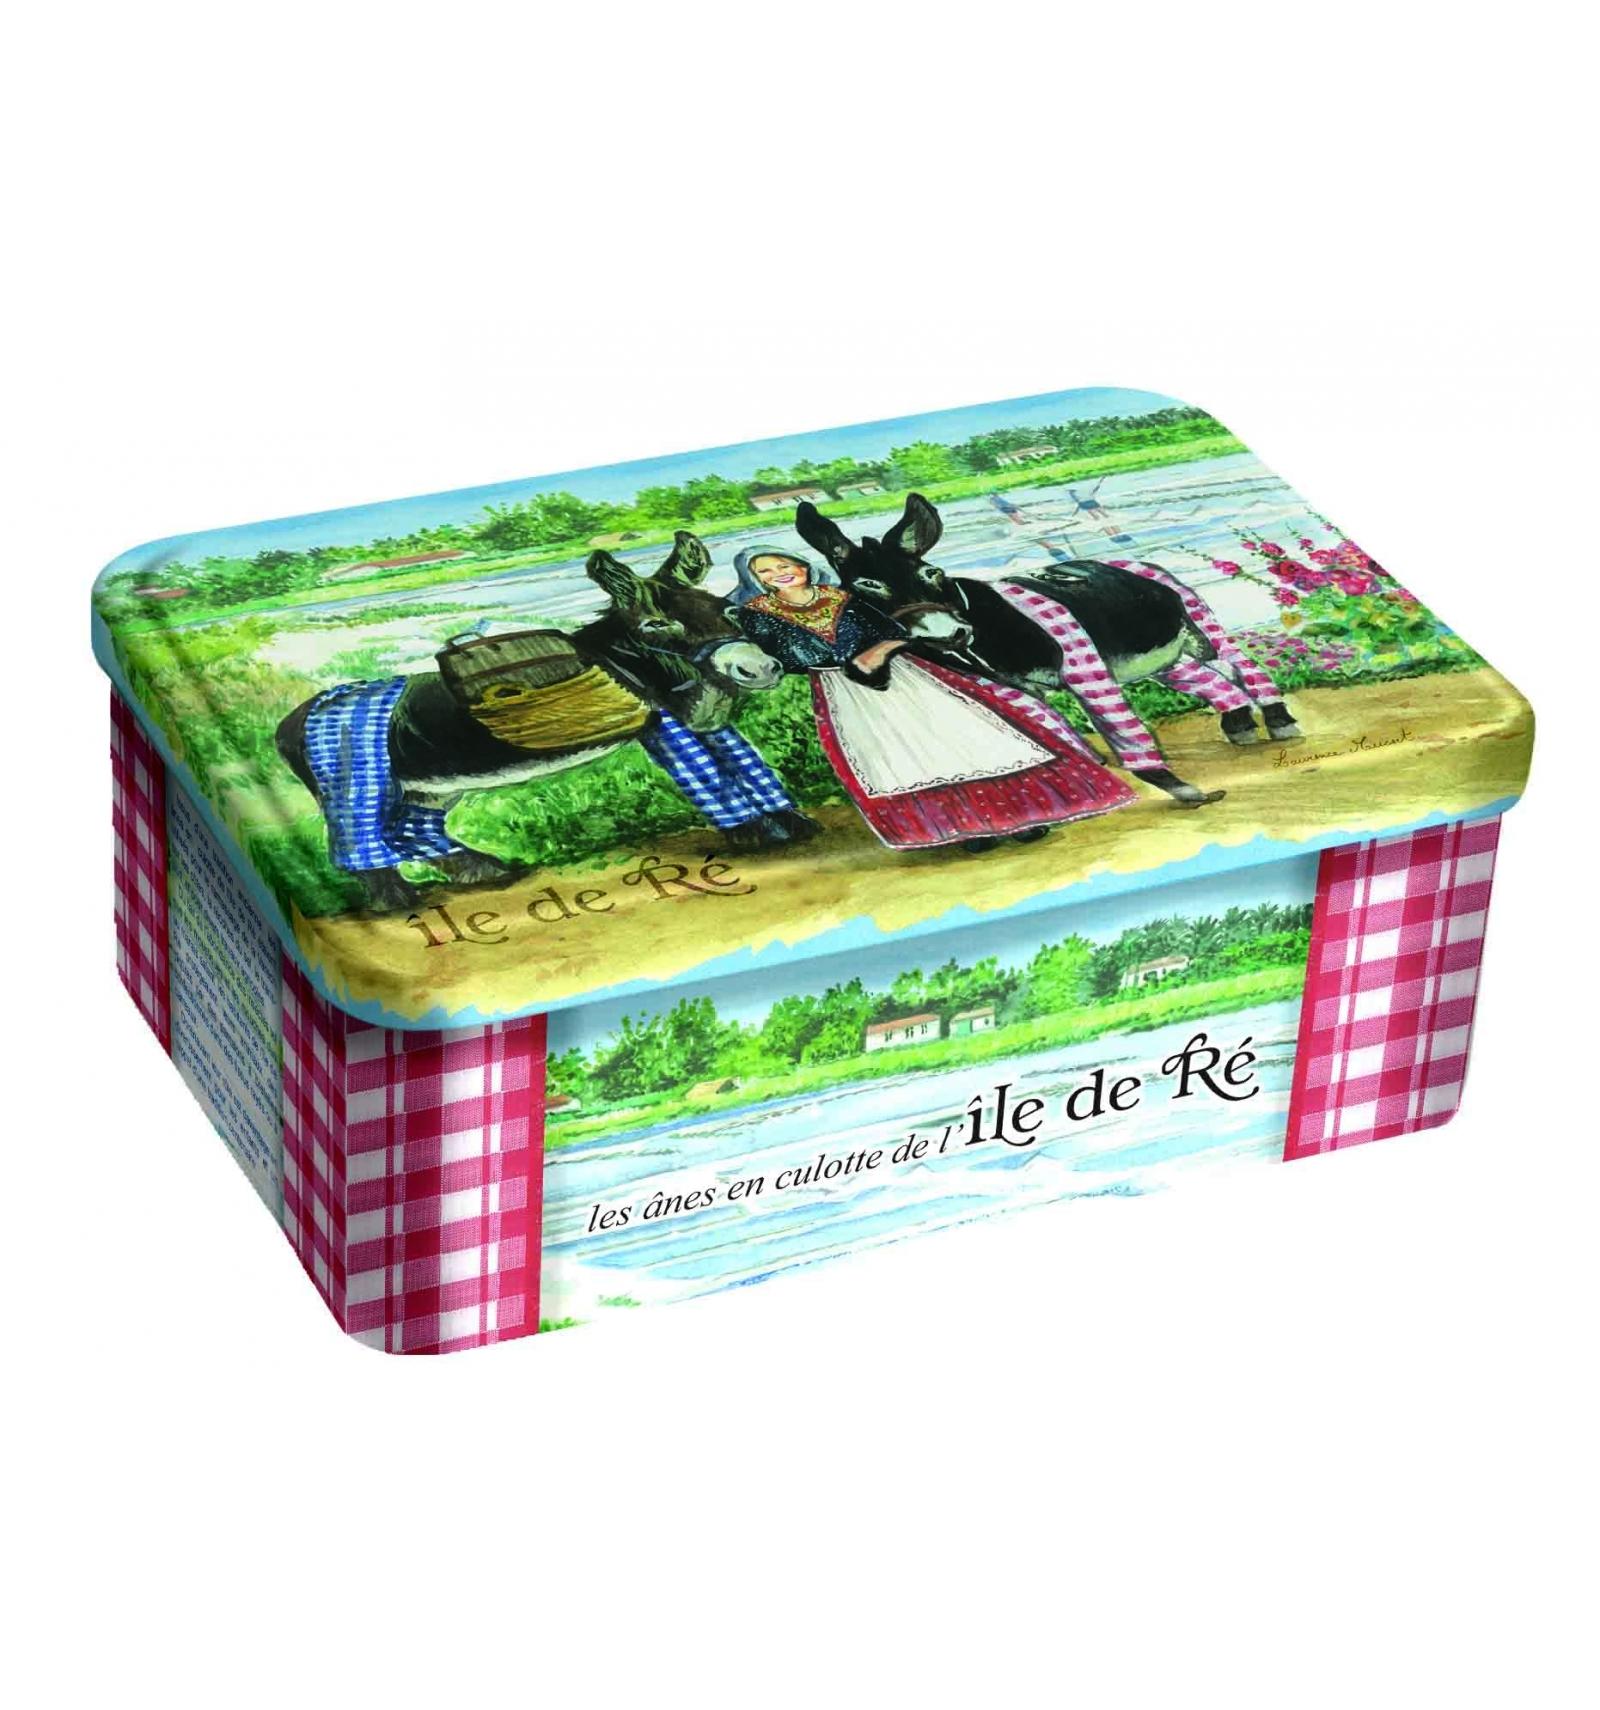 https://osez-sophie.com/4155-thickbox_default/boite-sucre-ane-culotte-galettes-charentaises-souvenir-ile-de-re-osez-sophie.jpg